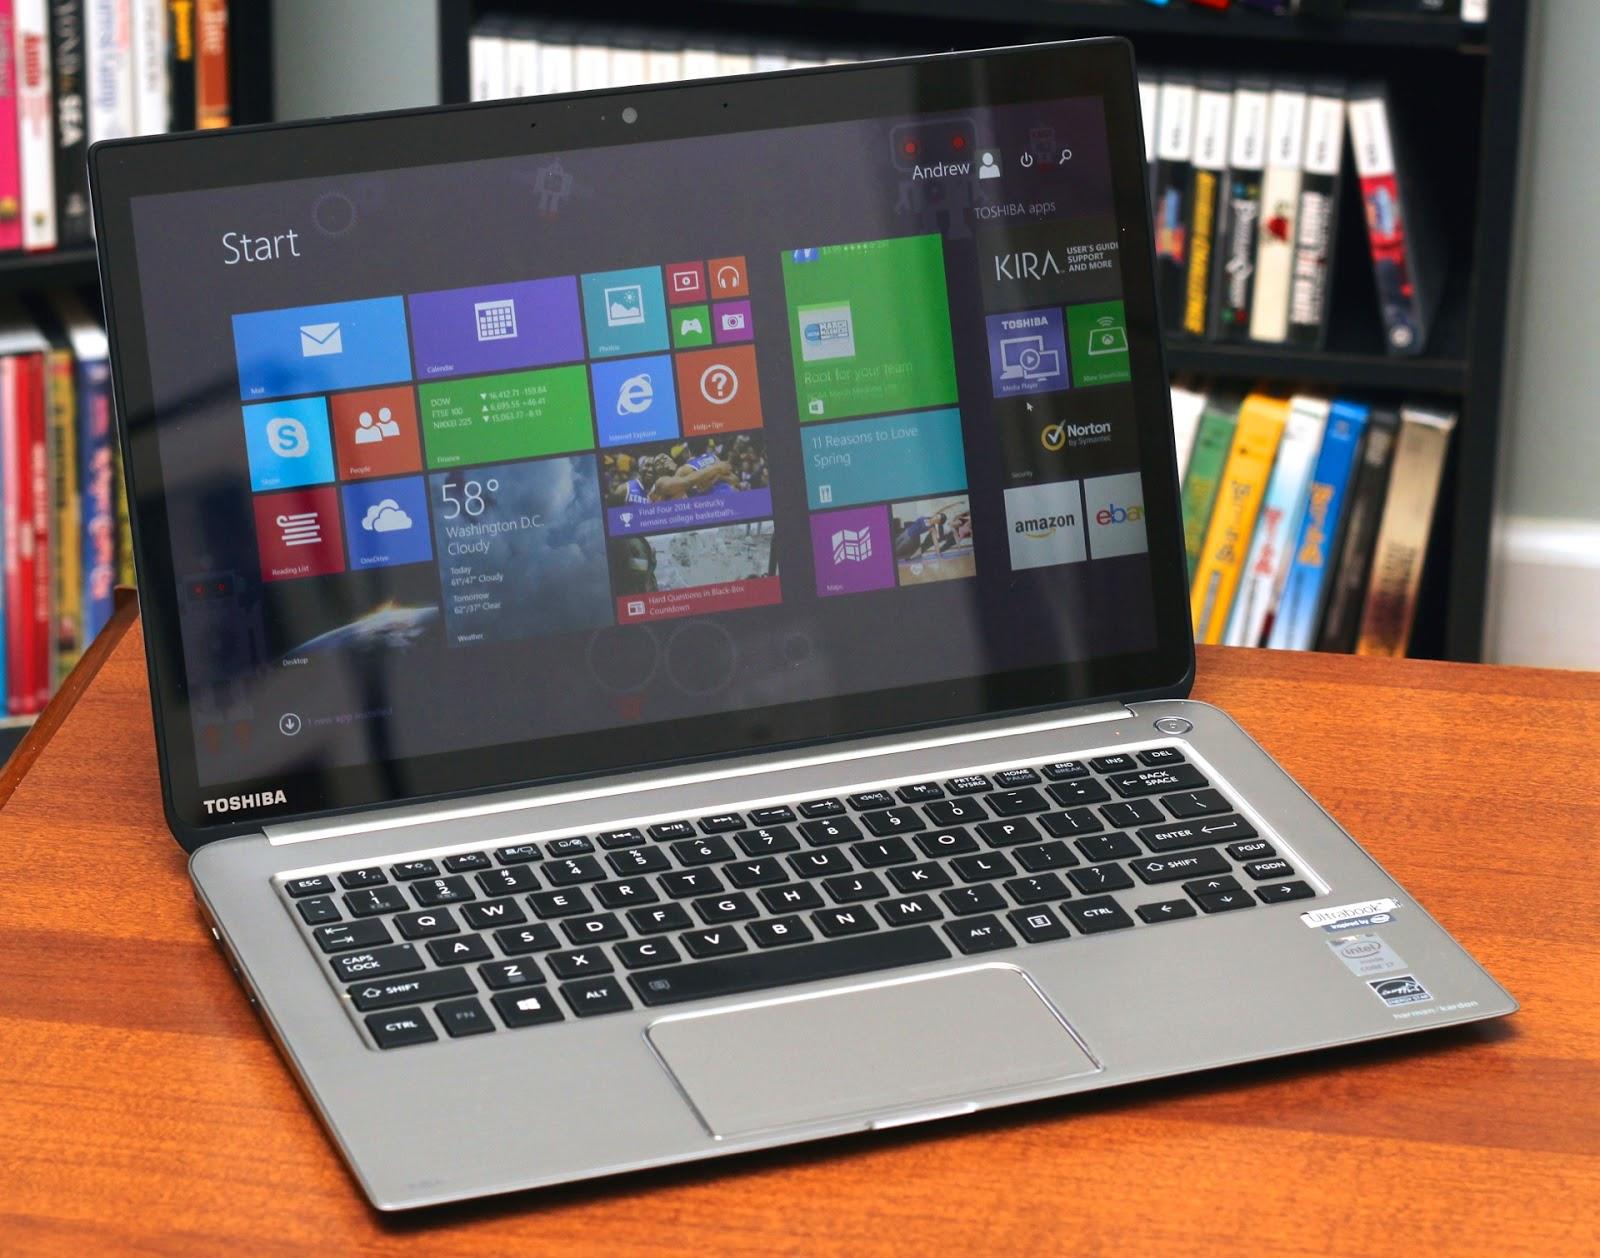 Harga Laptop Toshiba Satellite M840 Terbaru 2014